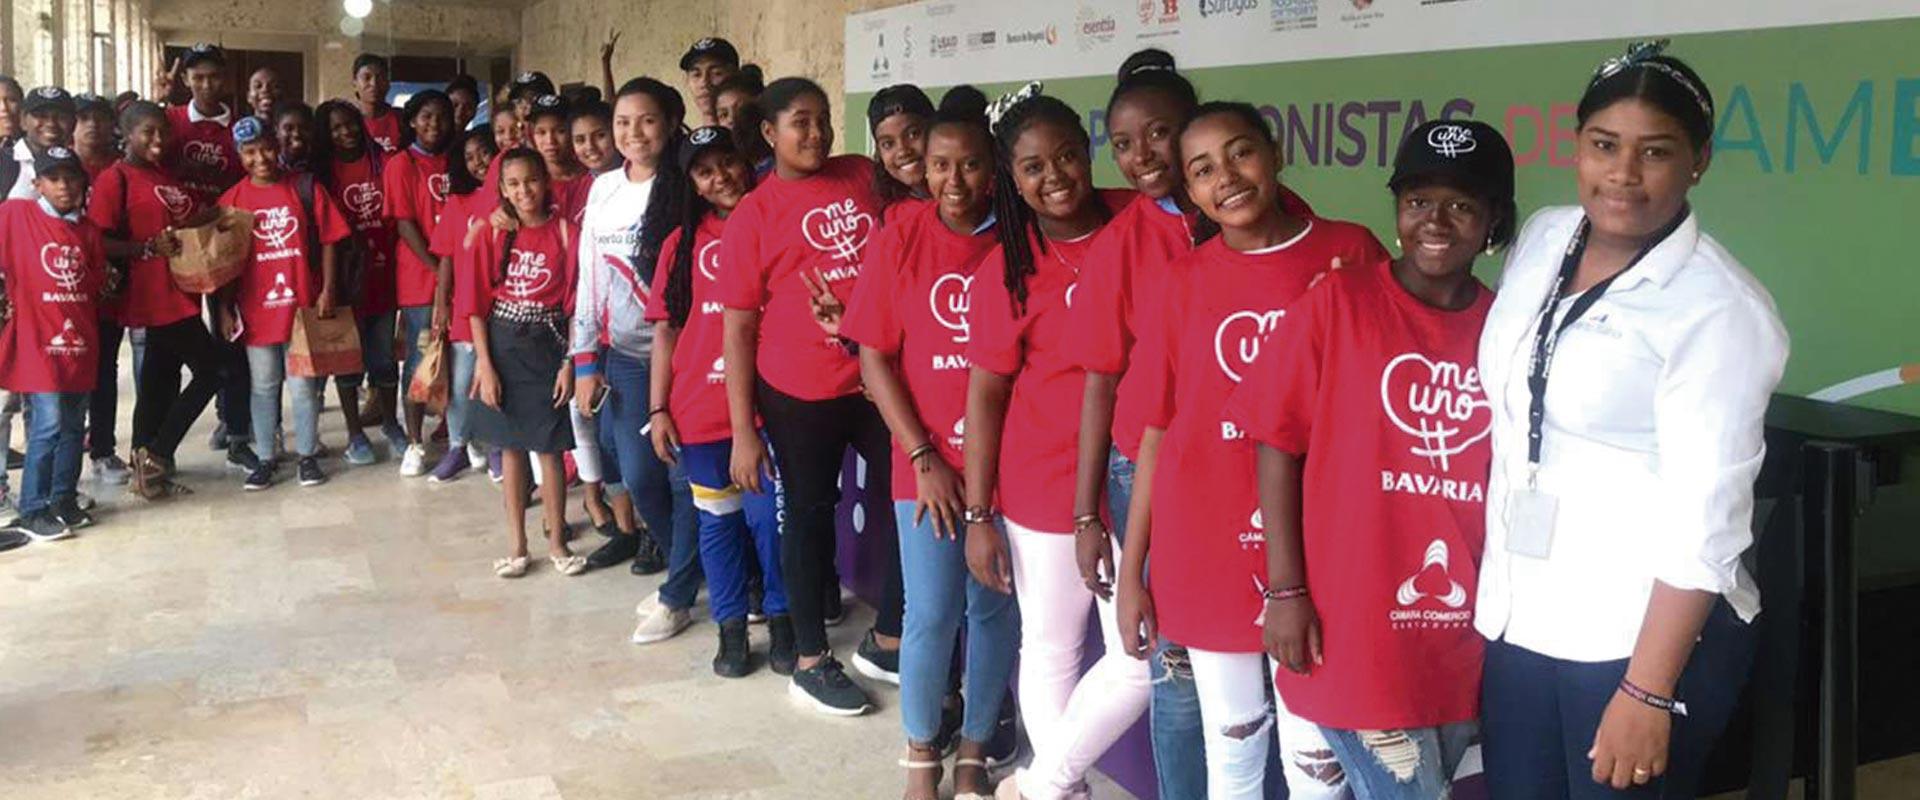 III Foro de Jóvenes Protagonistas del Cambio